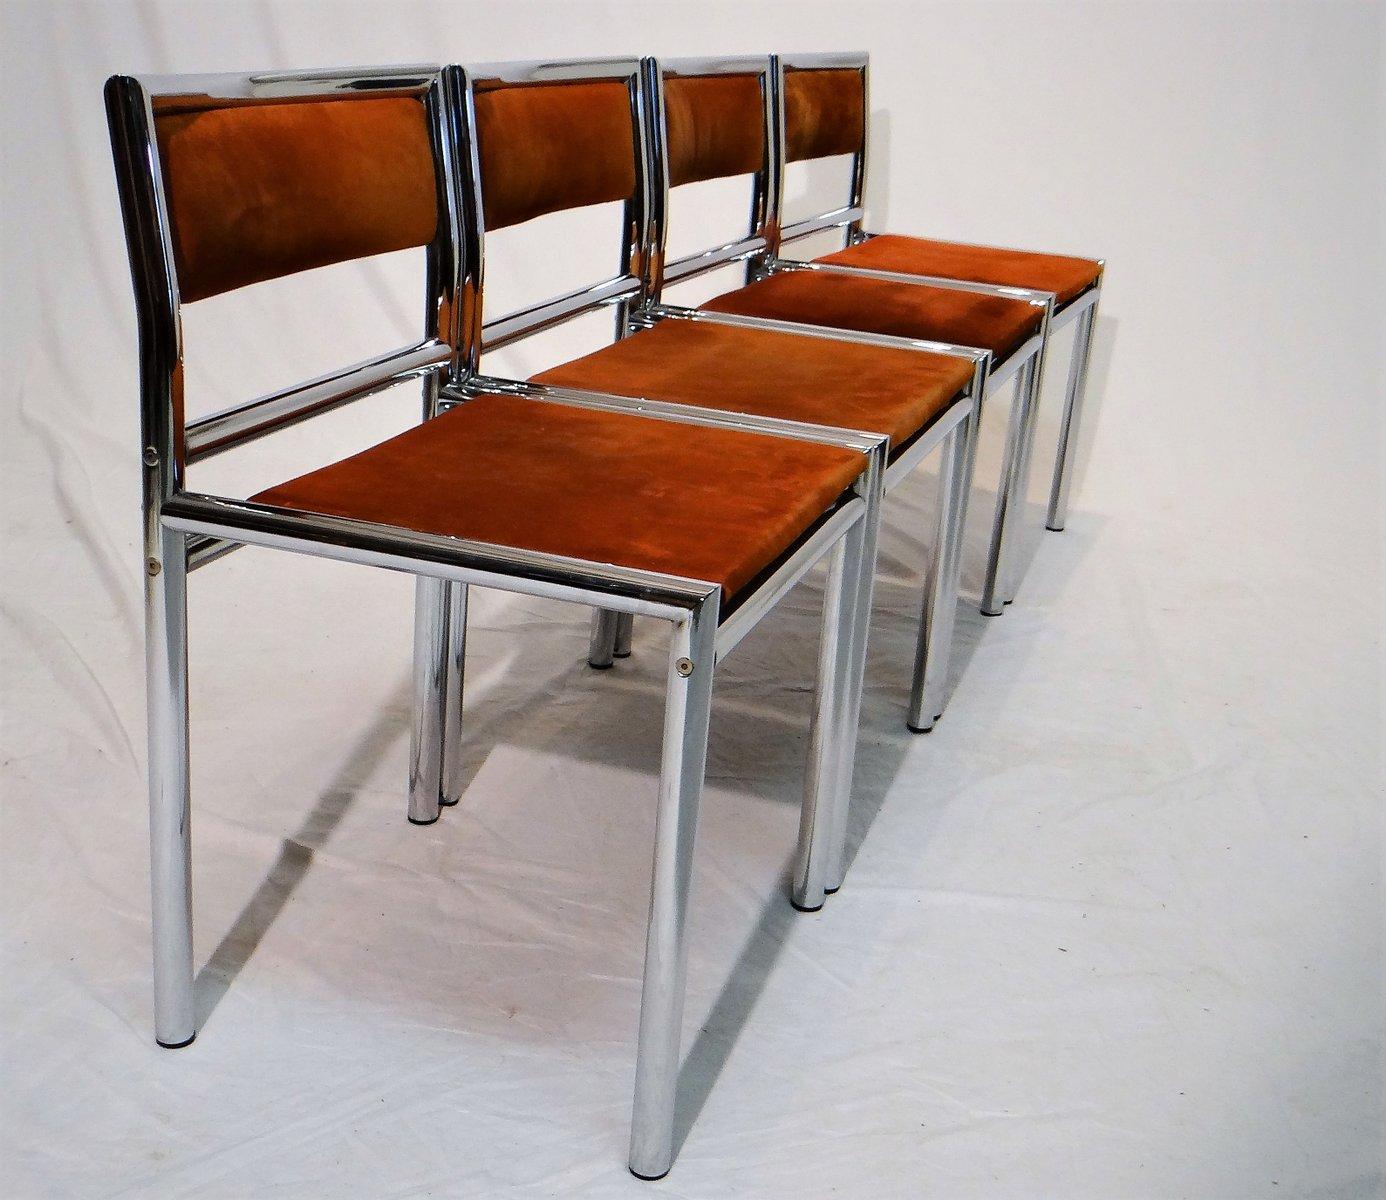 mid century esszimmerst hle aus verchromten rohrgestell leder 4er set bei pamono kaufen. Black Bedroom Furniture Sets. Home Design Ideas